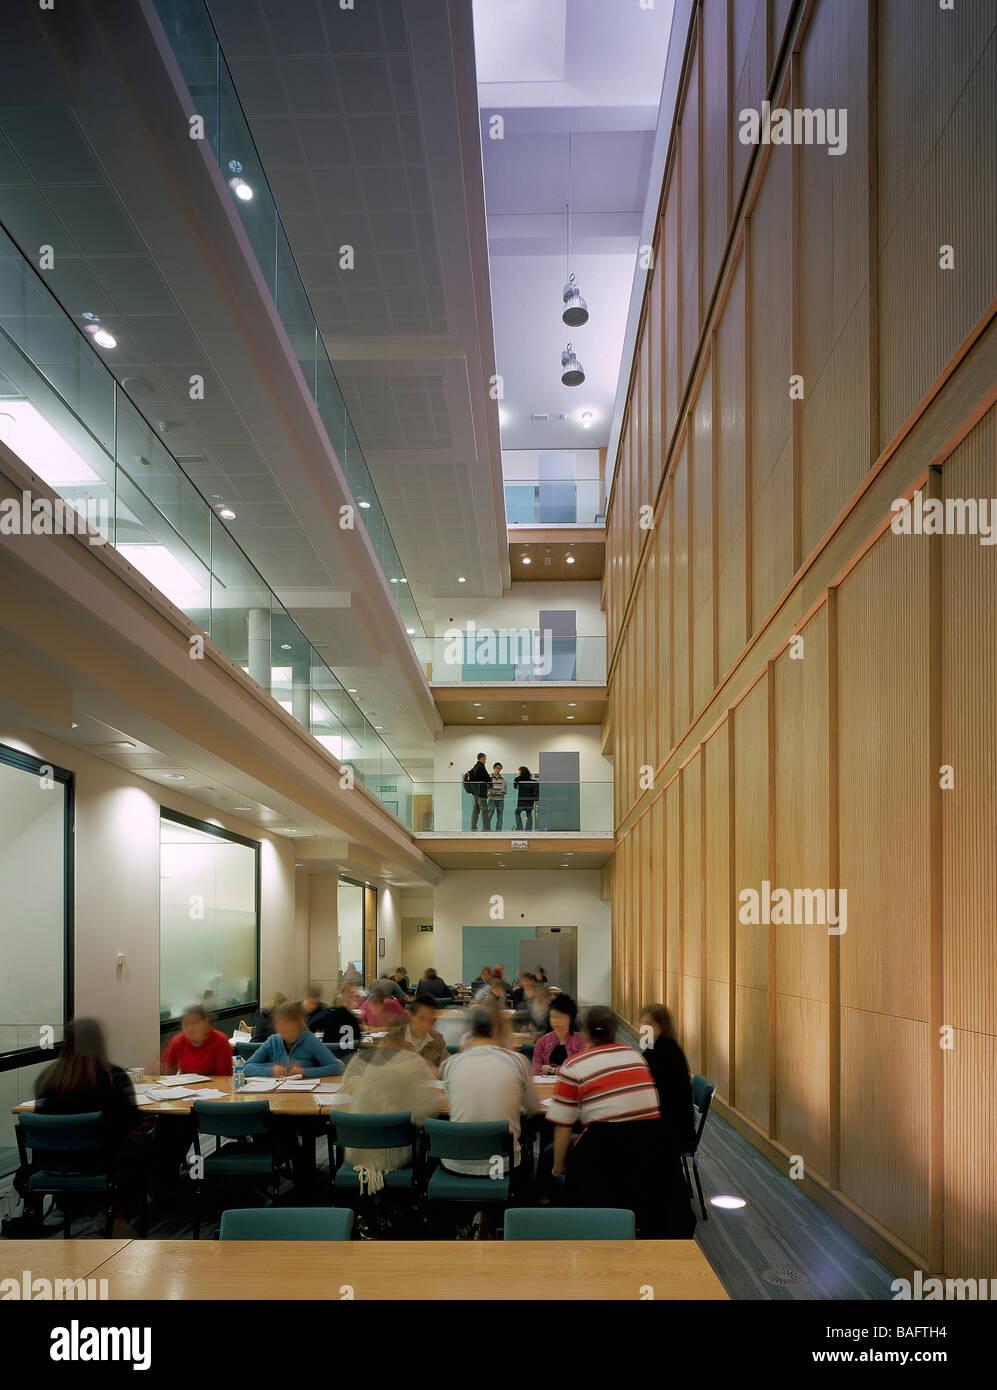 Plymouth University Library Interior Atrium View